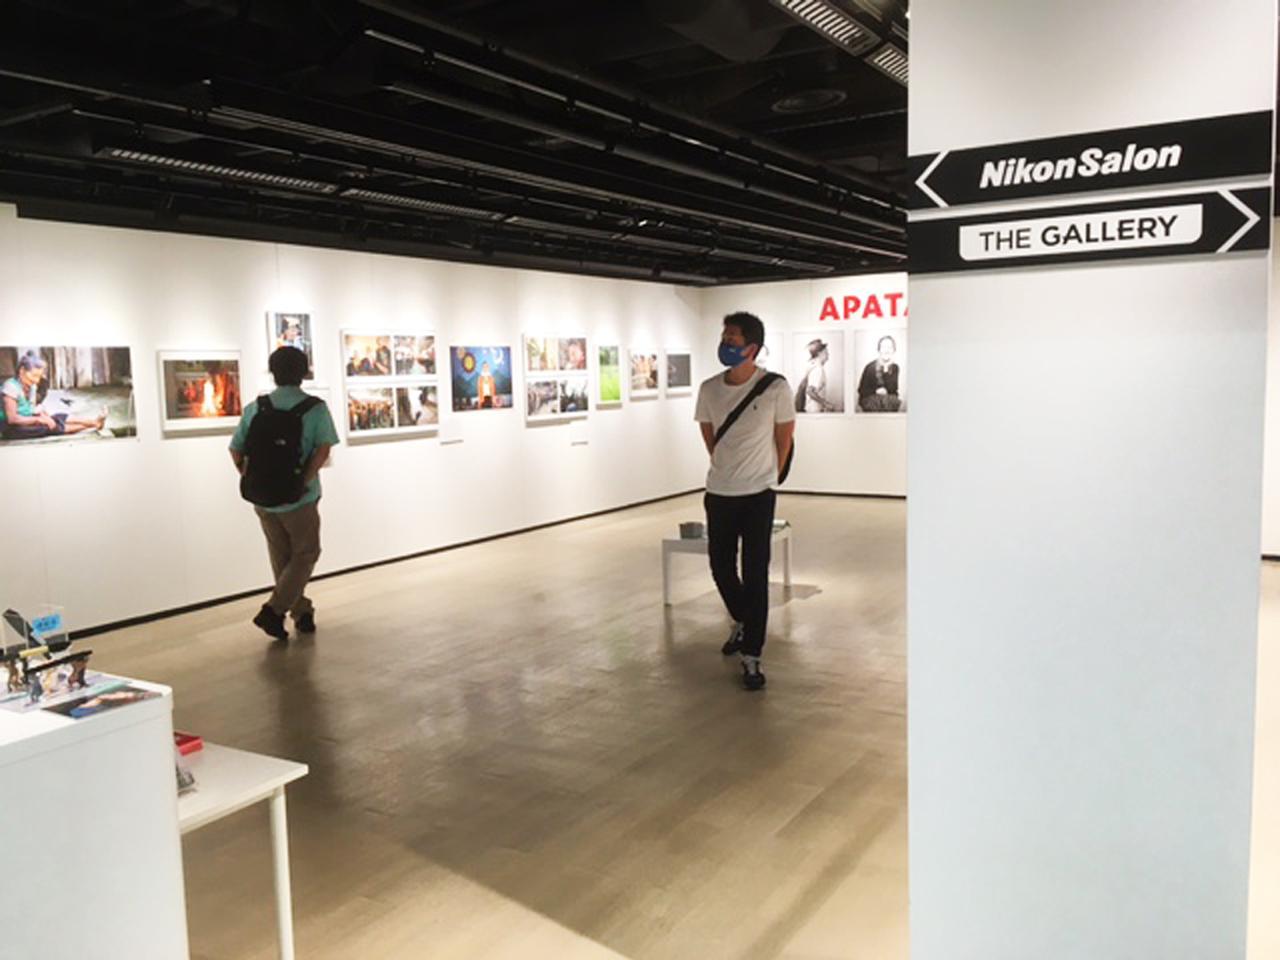 """画像2: 榎並悦子写真展『APATANI STYLE』(インド・アパタニ族 暮らしと信仰)。インド北東部に住まう少数民族""""アパタニ族""""、知ってるヒトは少ないですよね!? アッサム州よりさらに僻地。"""